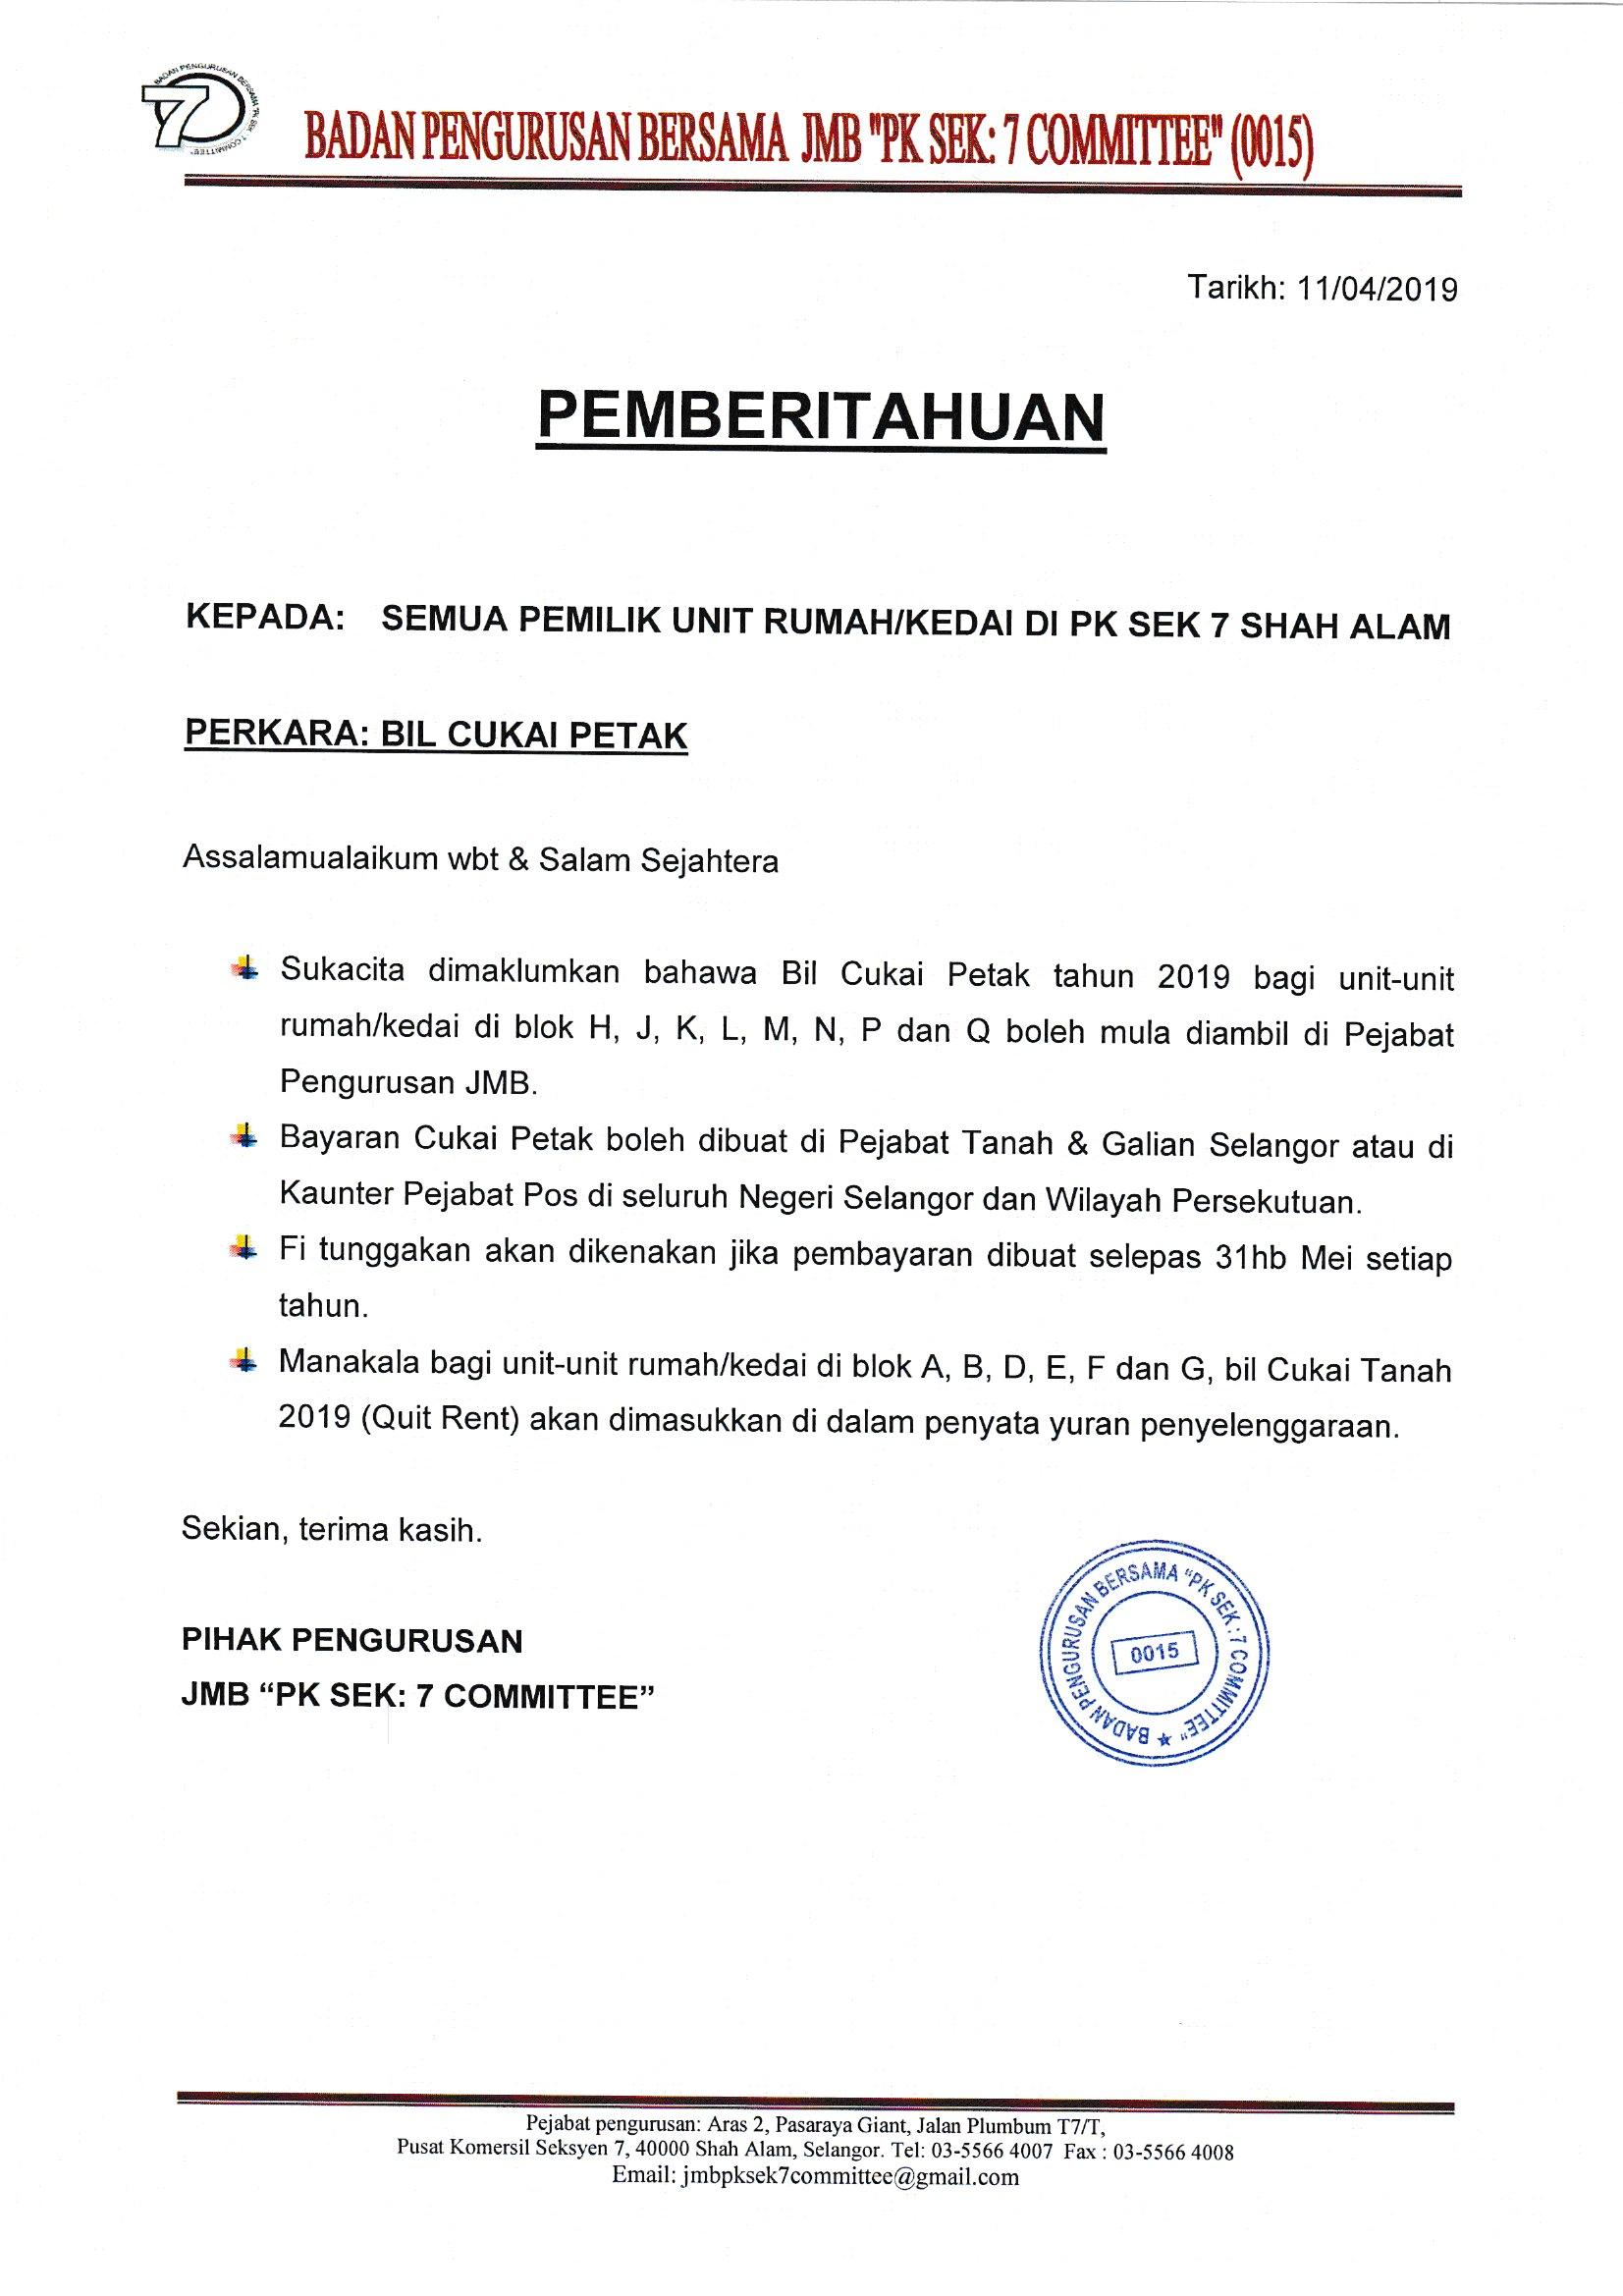 Untuk perhatian semua pemilik unit rumah/kedai di Pusat Komersil Seksyen 7 Shah Alam